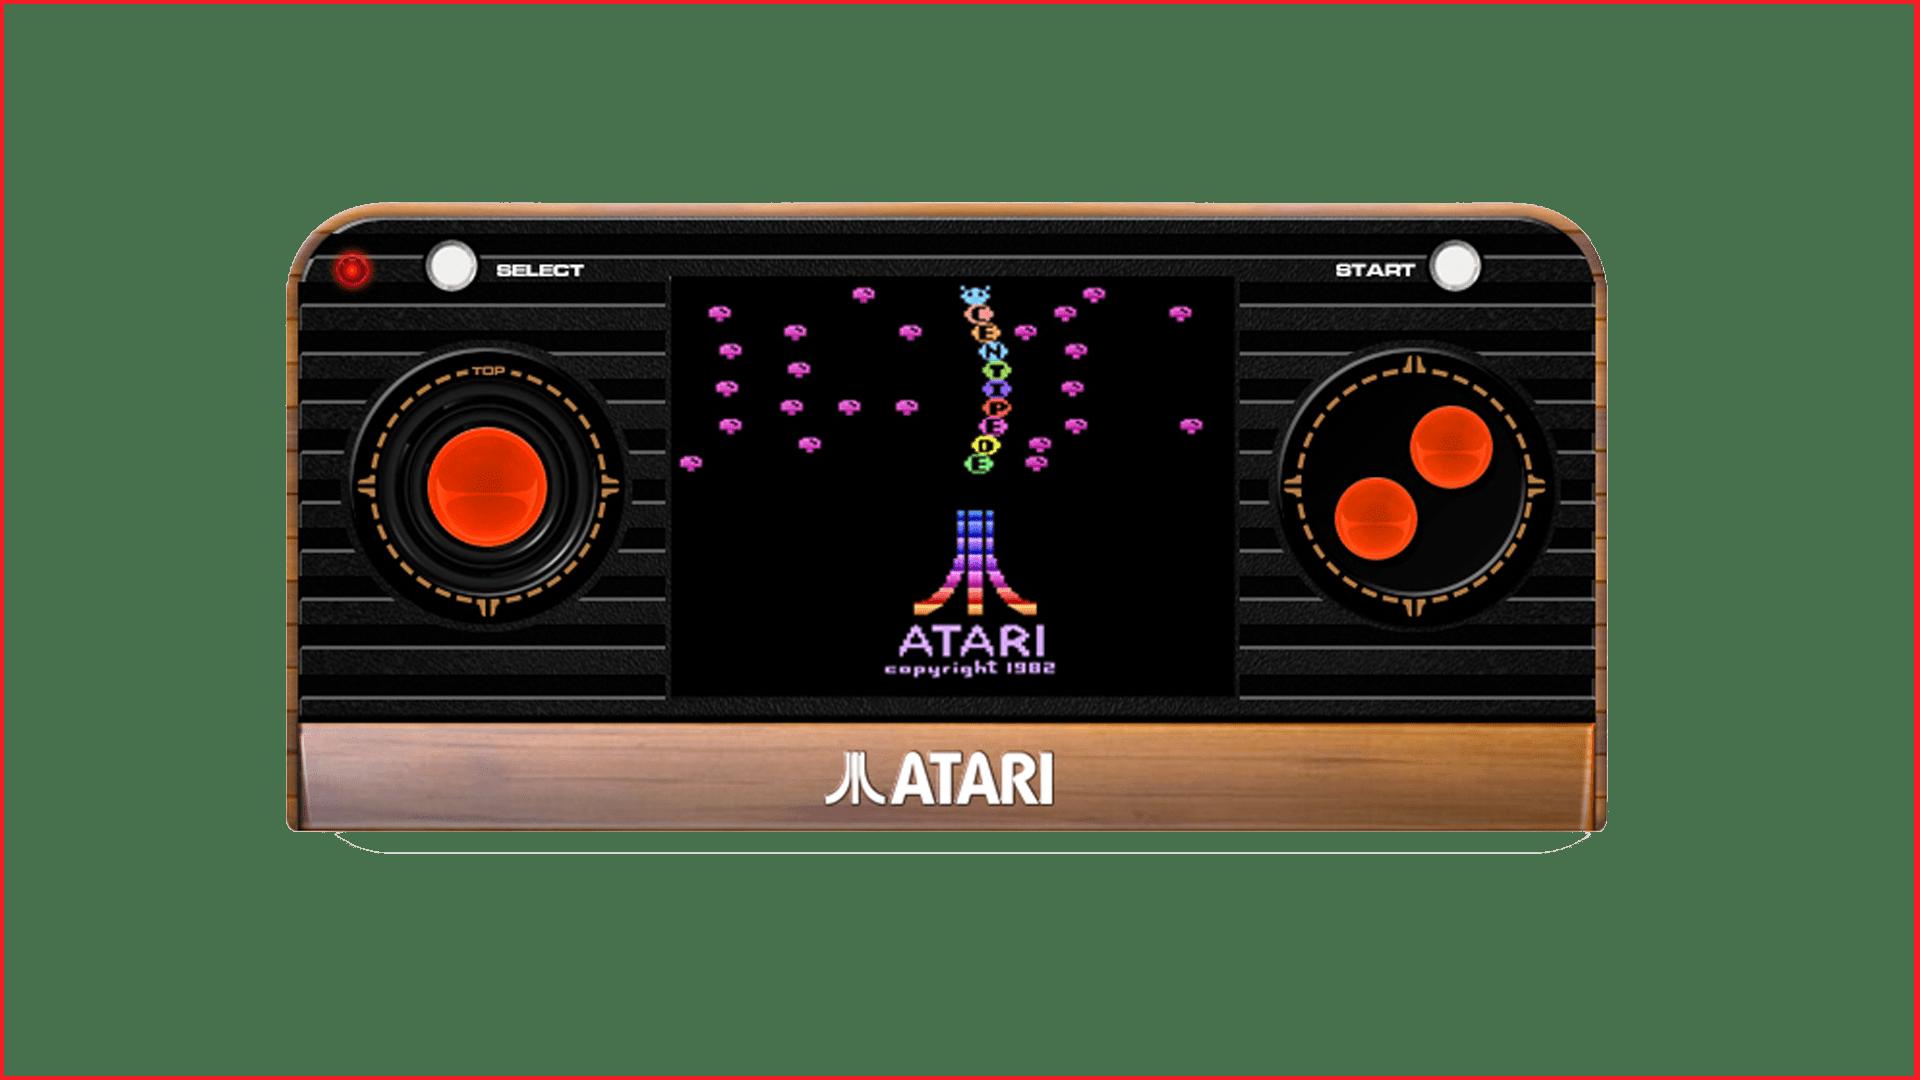 Atari_Handheld_Console_Contour